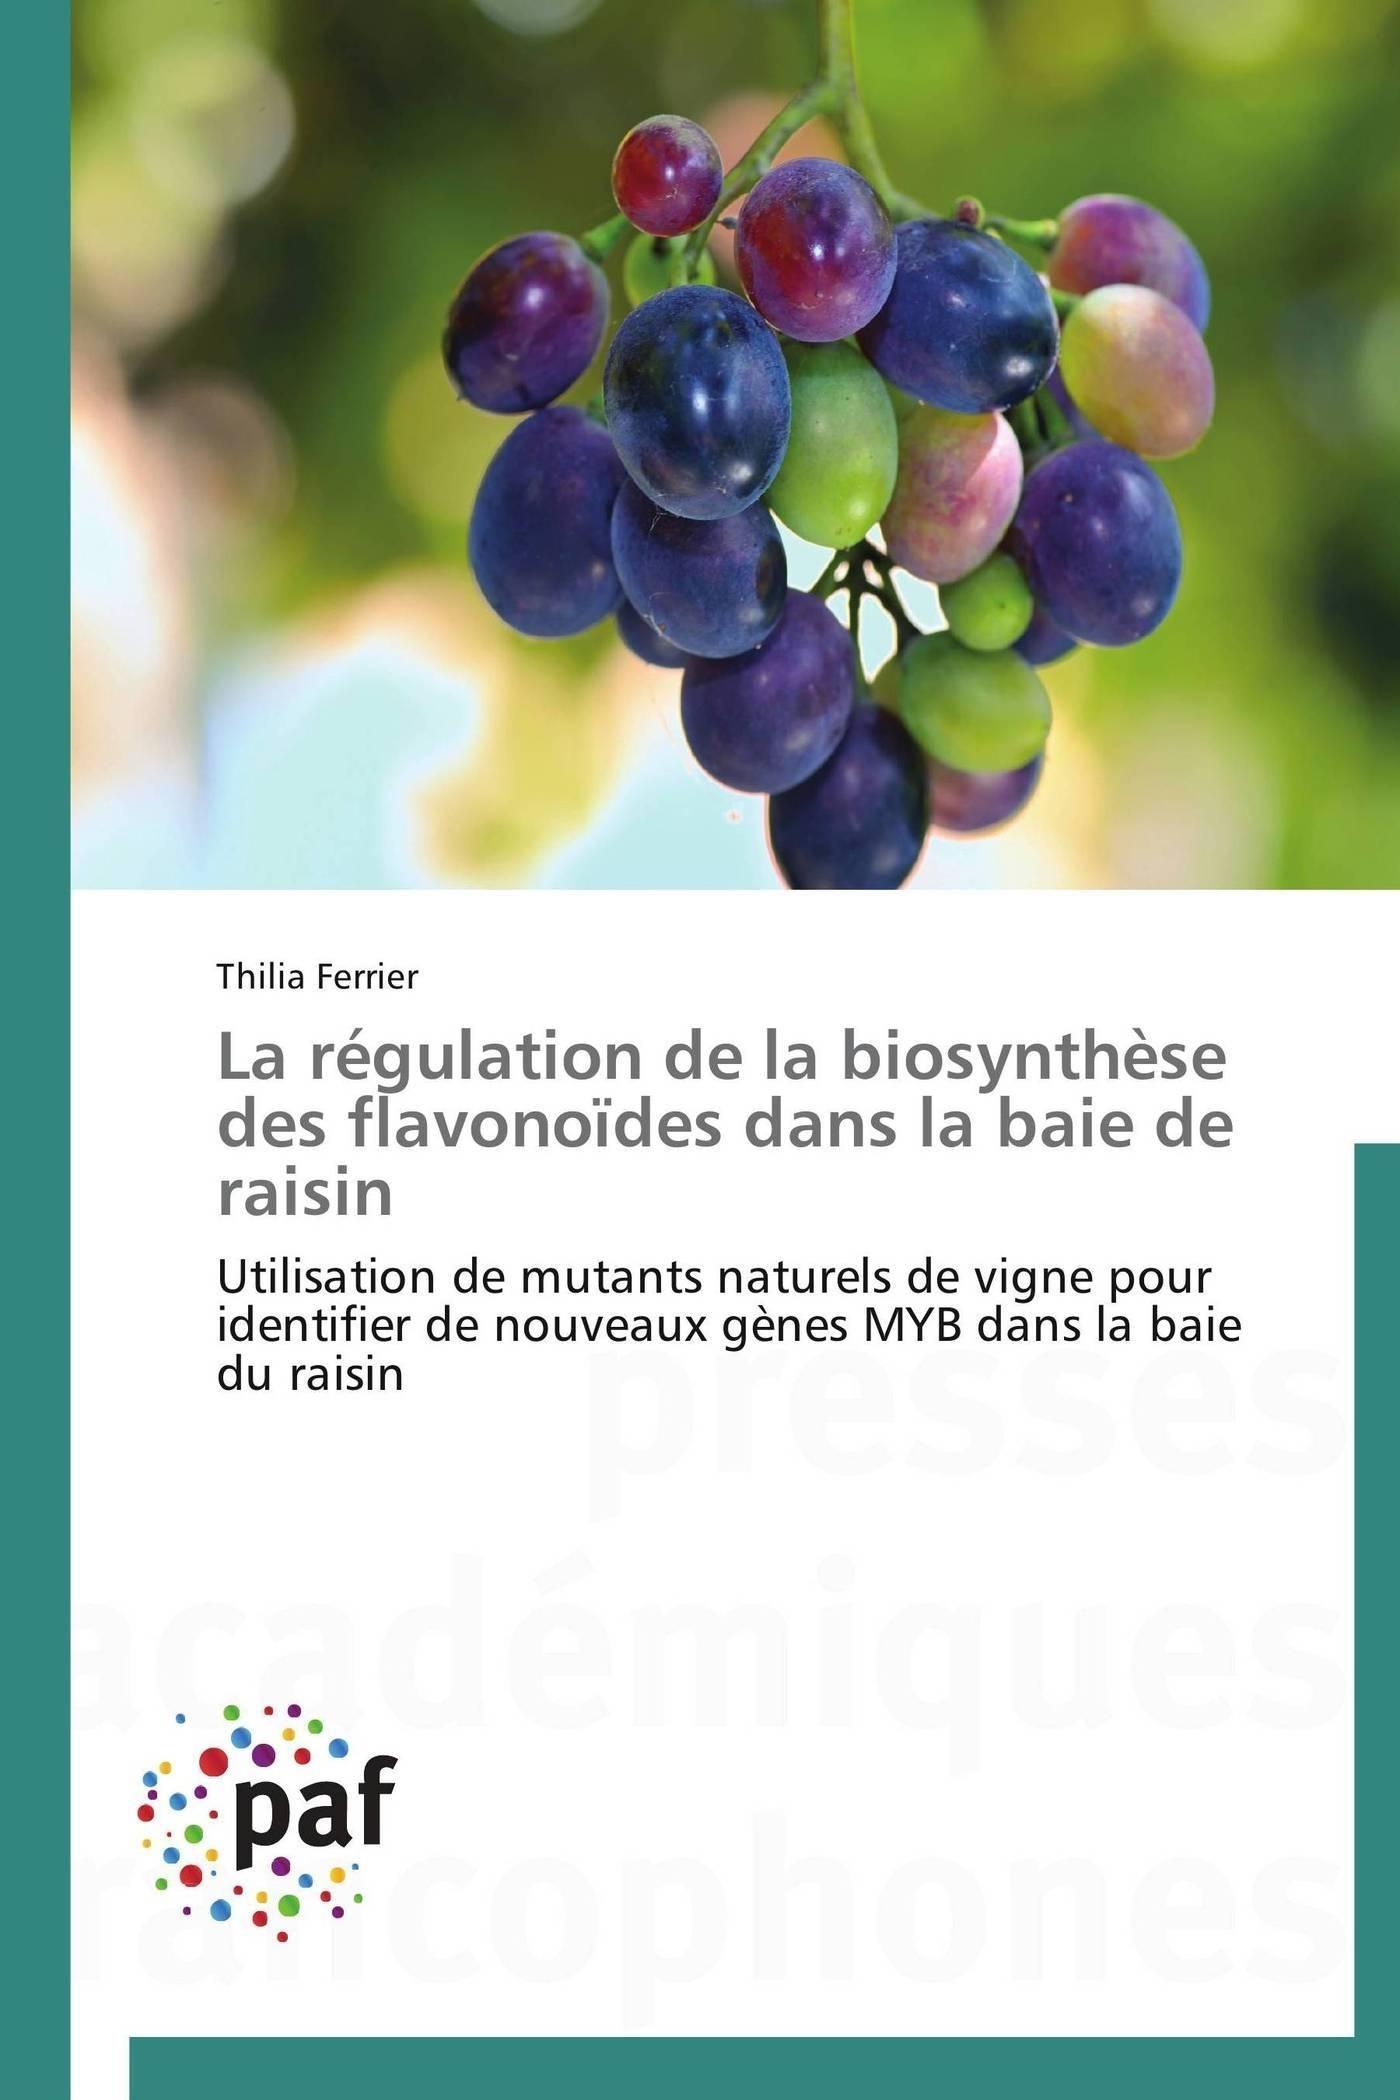 LA REGULATION DE LA BIOSYNTHESE DES FLAVONOIDES DANS LA BAIE DE RAISIN